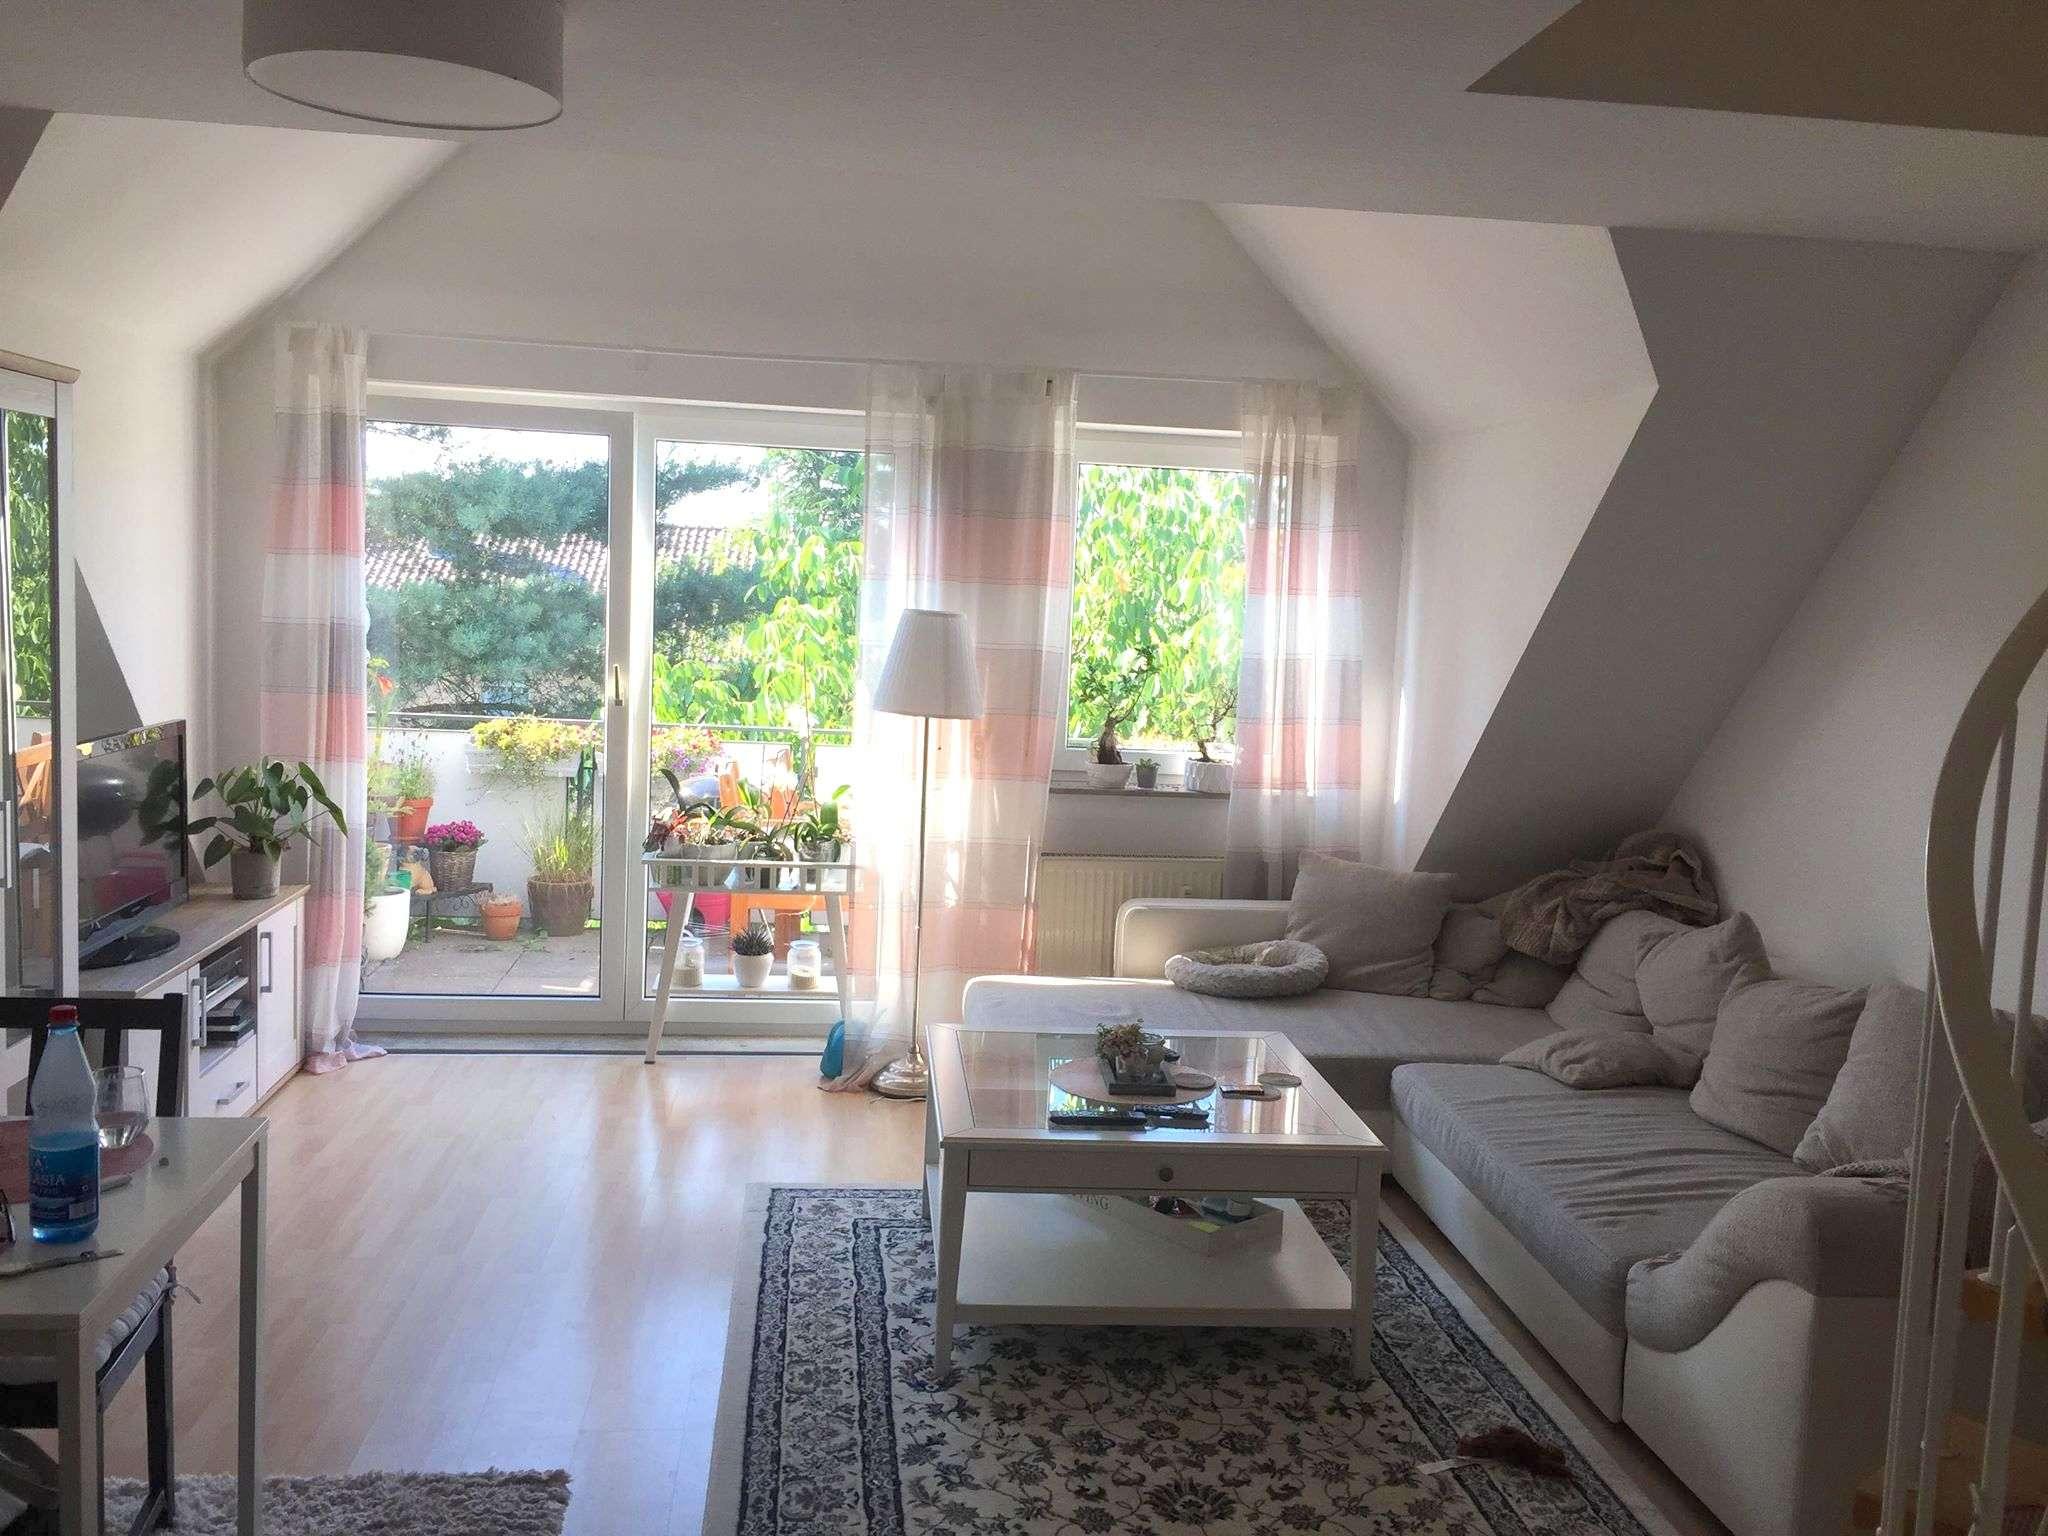 Dachträumereien auf 2 Ebenen 80 m²( 3. Zi. Whg.) in